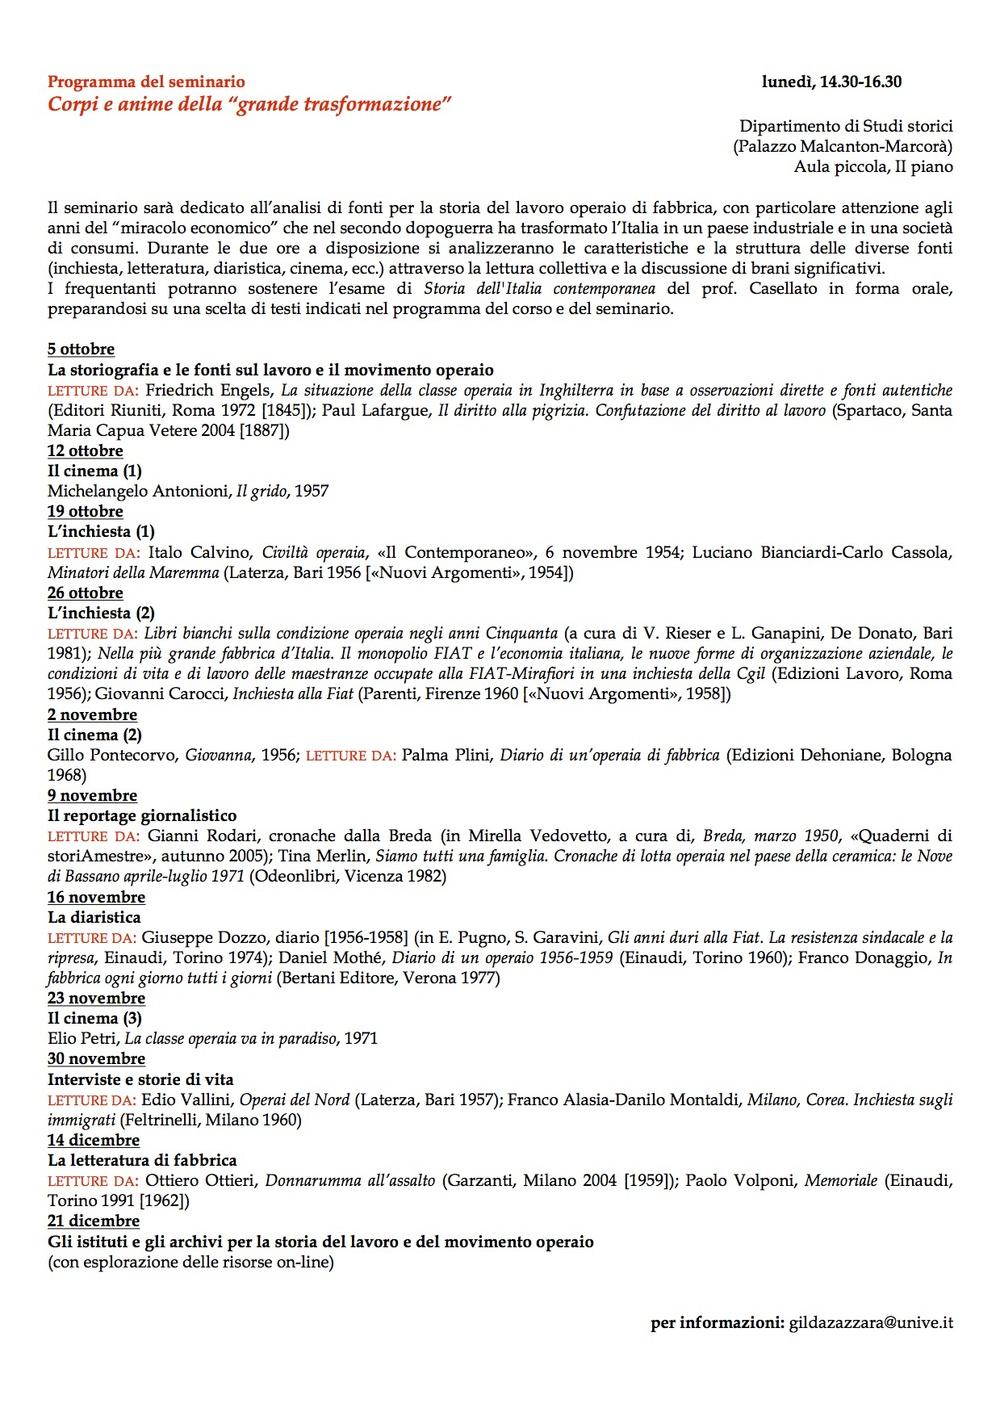 """2009-10-11 (VE) Corpi e anime della """"grande trasformazione"""".jpg"""